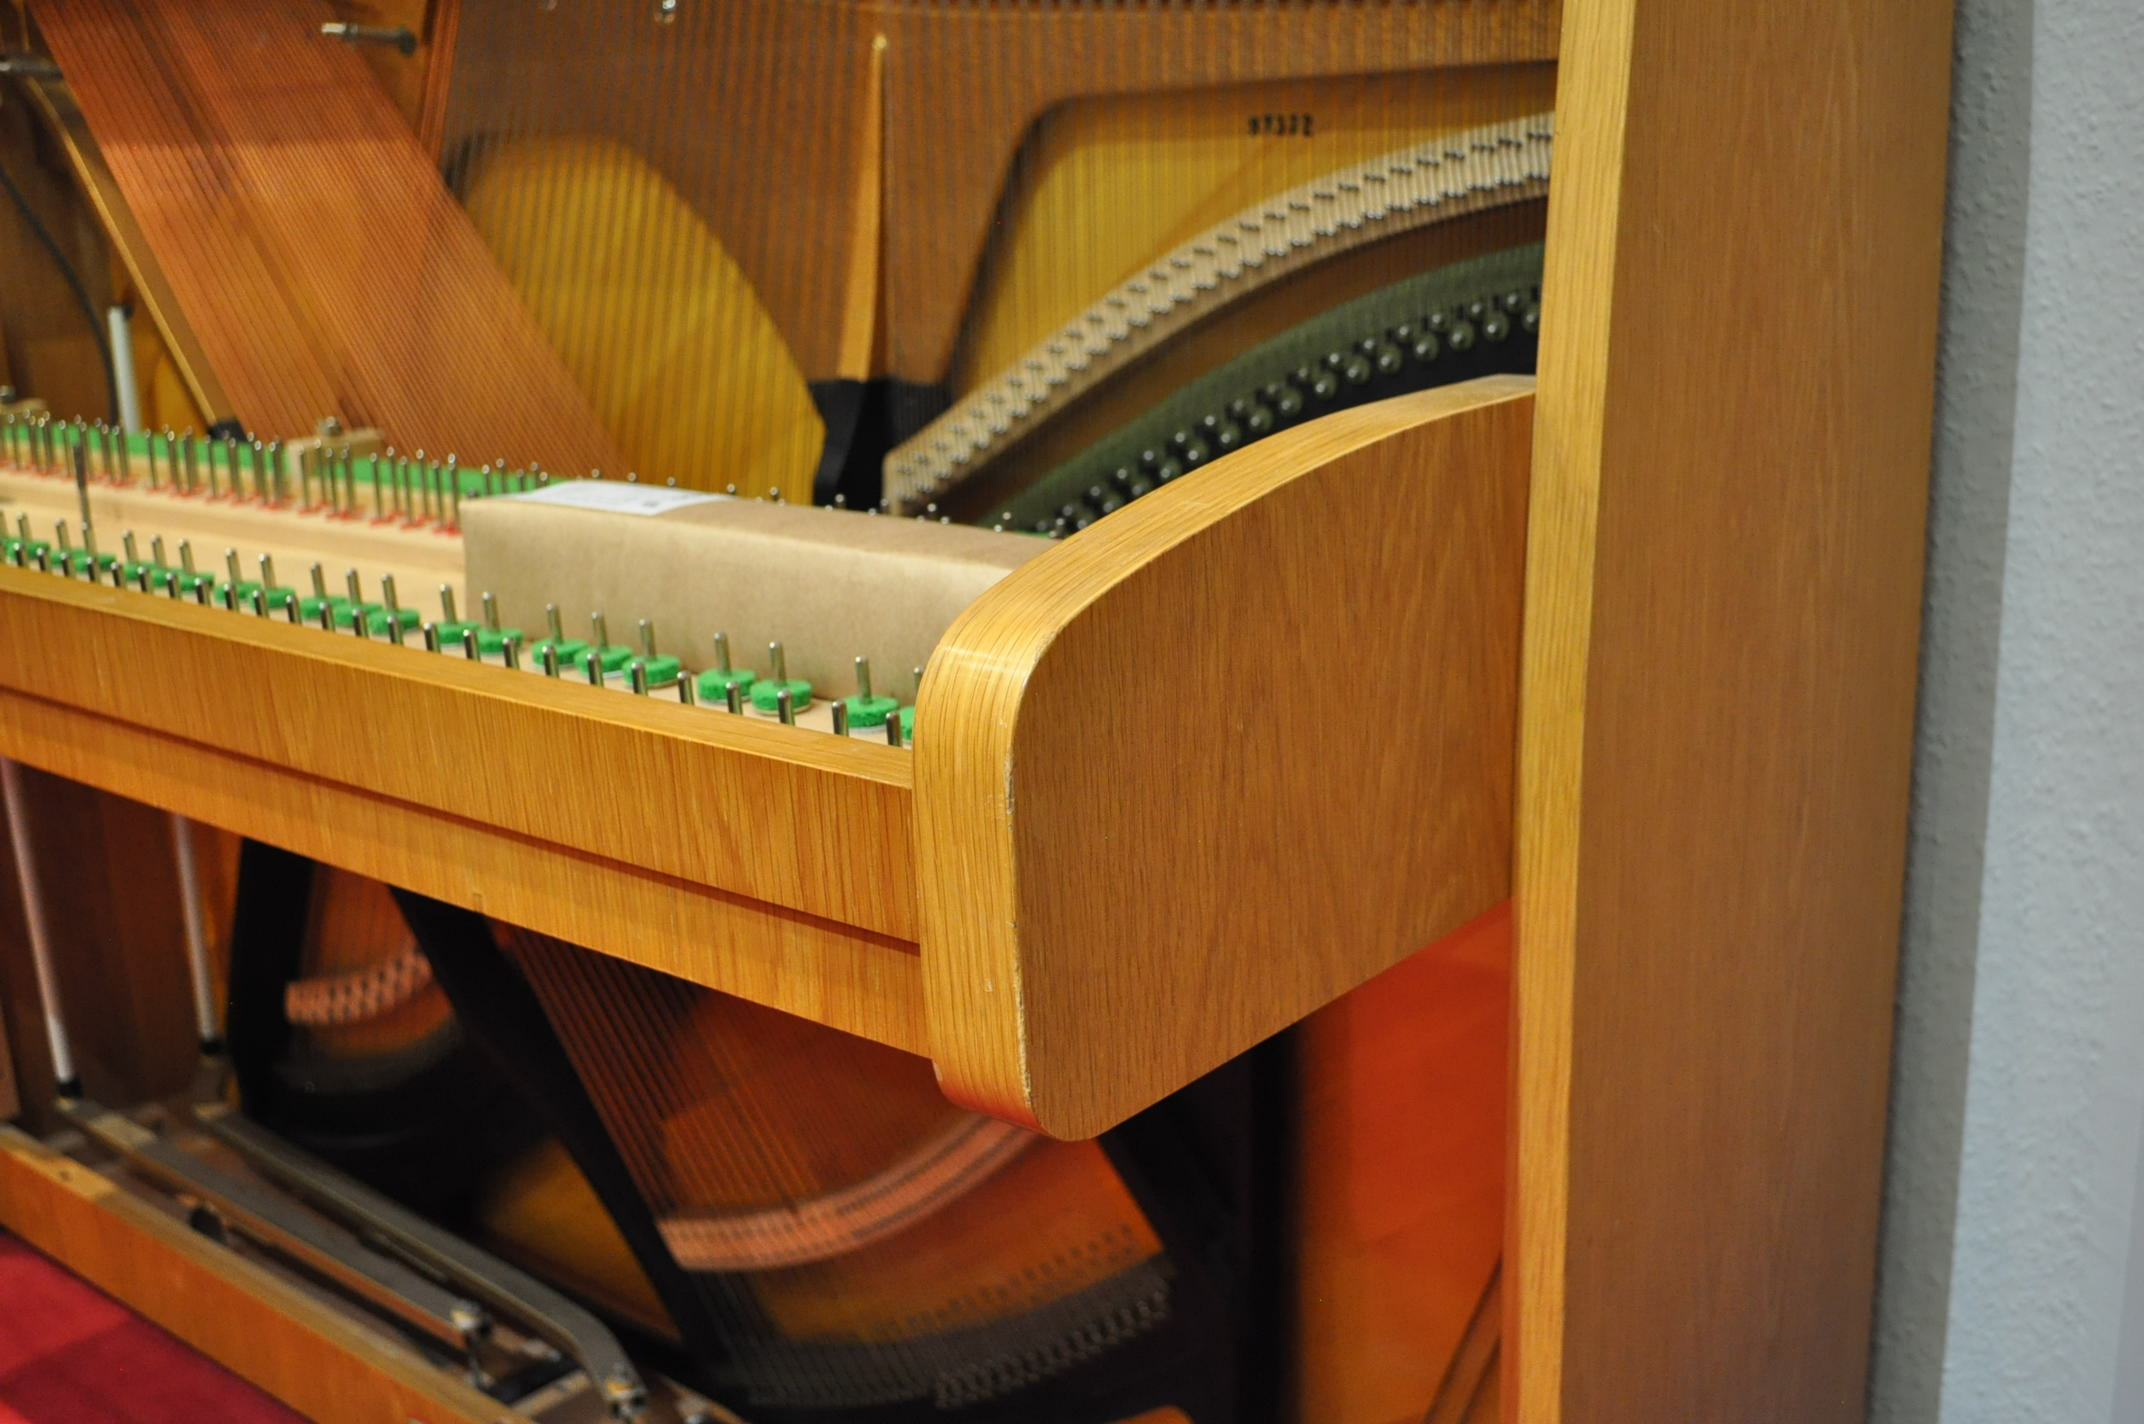 BECHSTEIN-Klavier<br/>Gebraucht<br/>Modell 12 n<br/>€ 5 600,-<br/>Derzeit in Arbeit